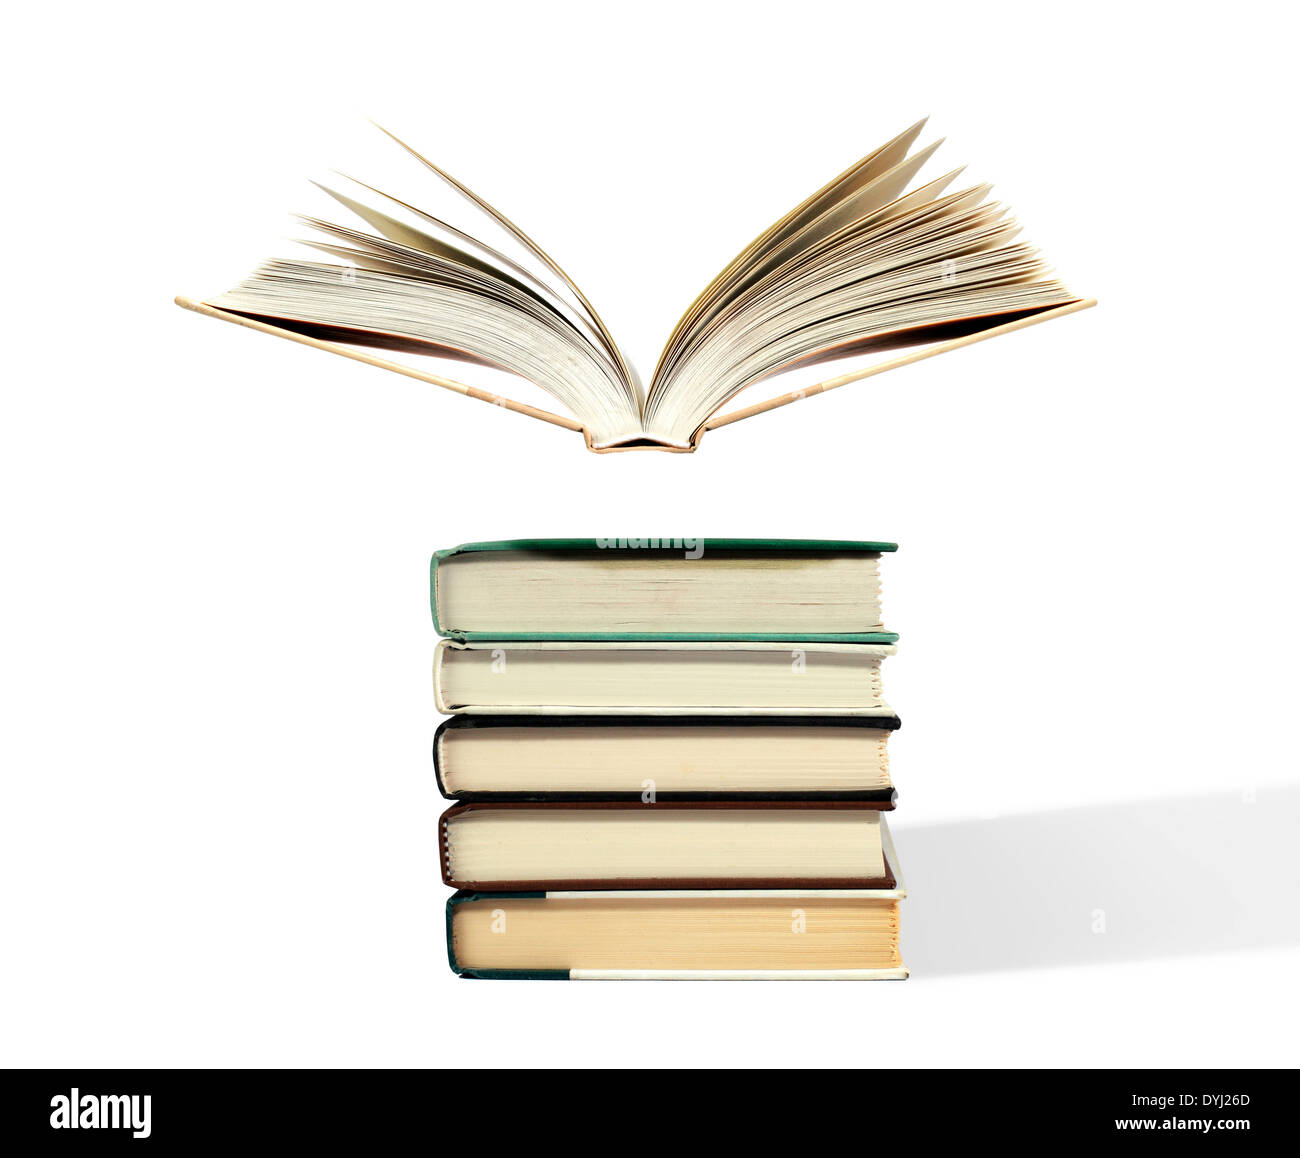 Portrait d'un livre ouvert flottant au-dessus de pile Photo Stock